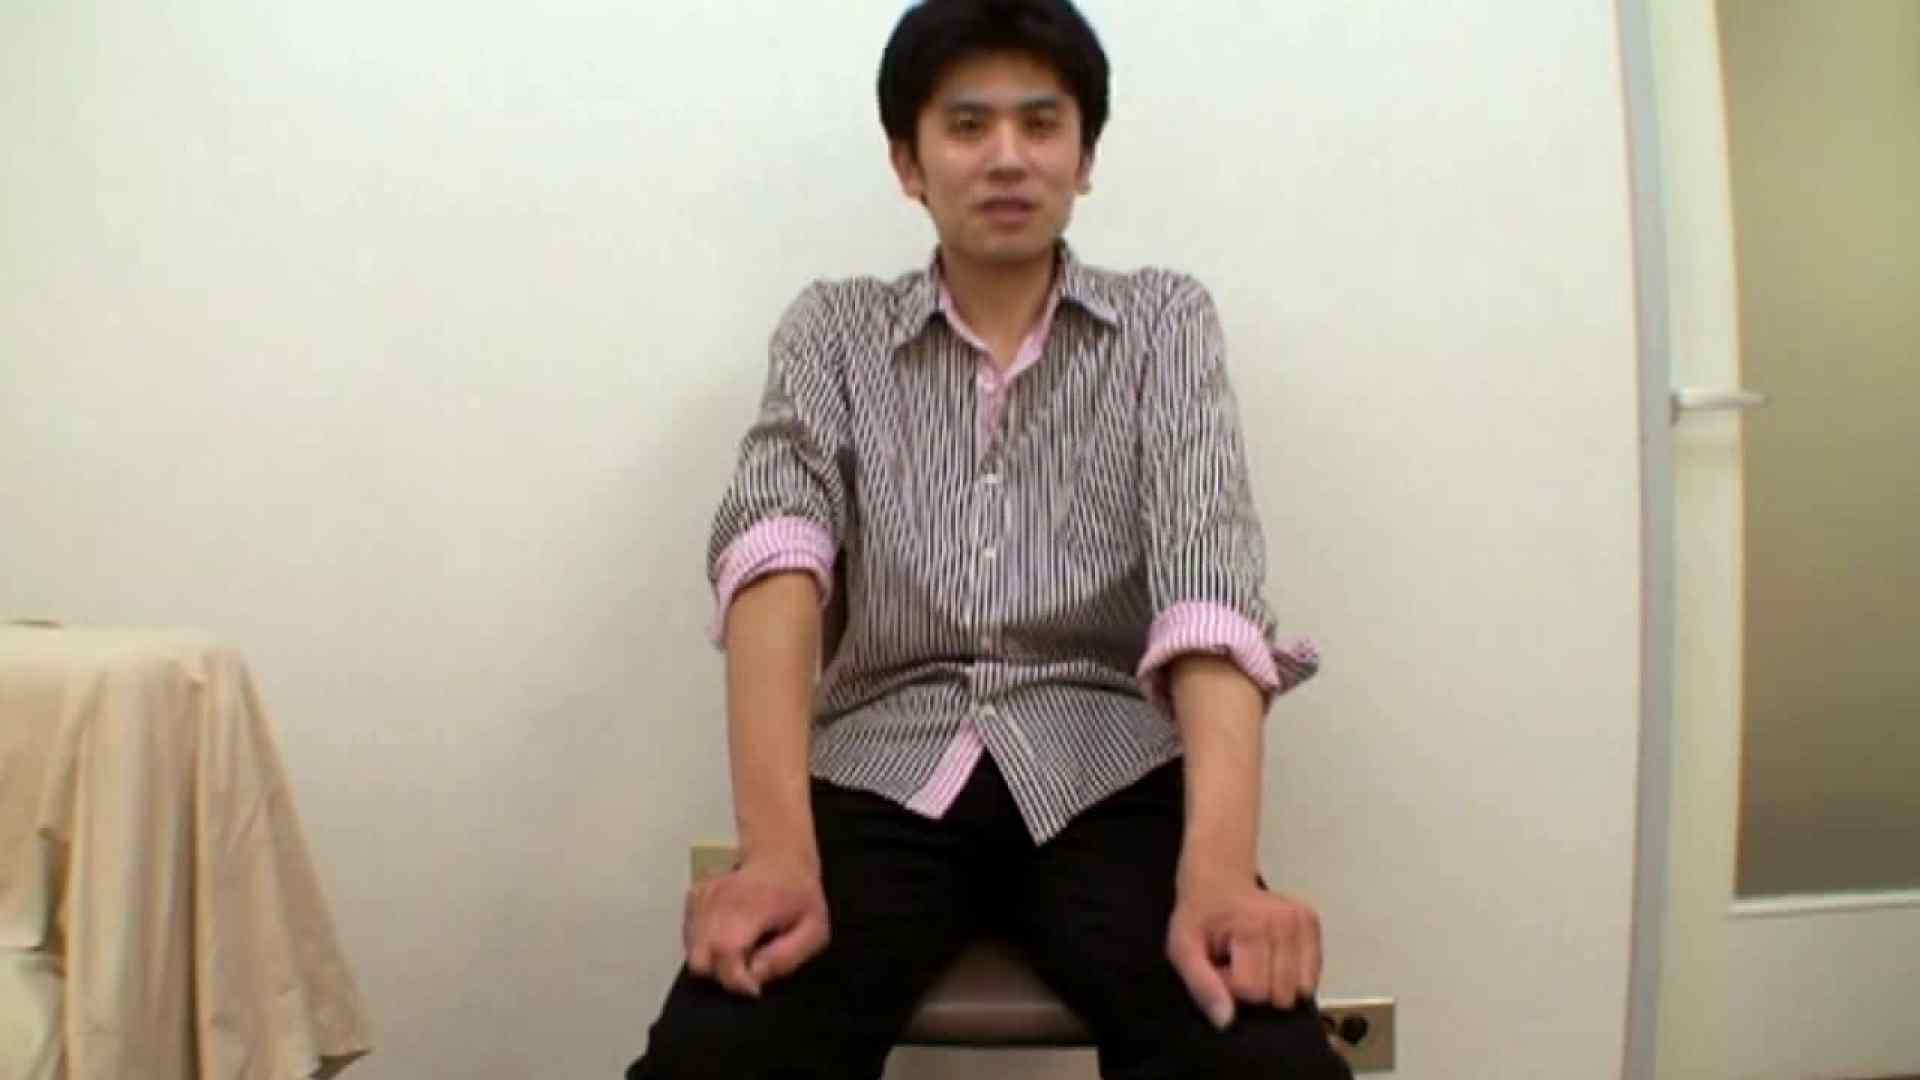 ノンケ!自慰スタジオ No.32 モザイク無し ゲイ無修正動画画像 92pic 39